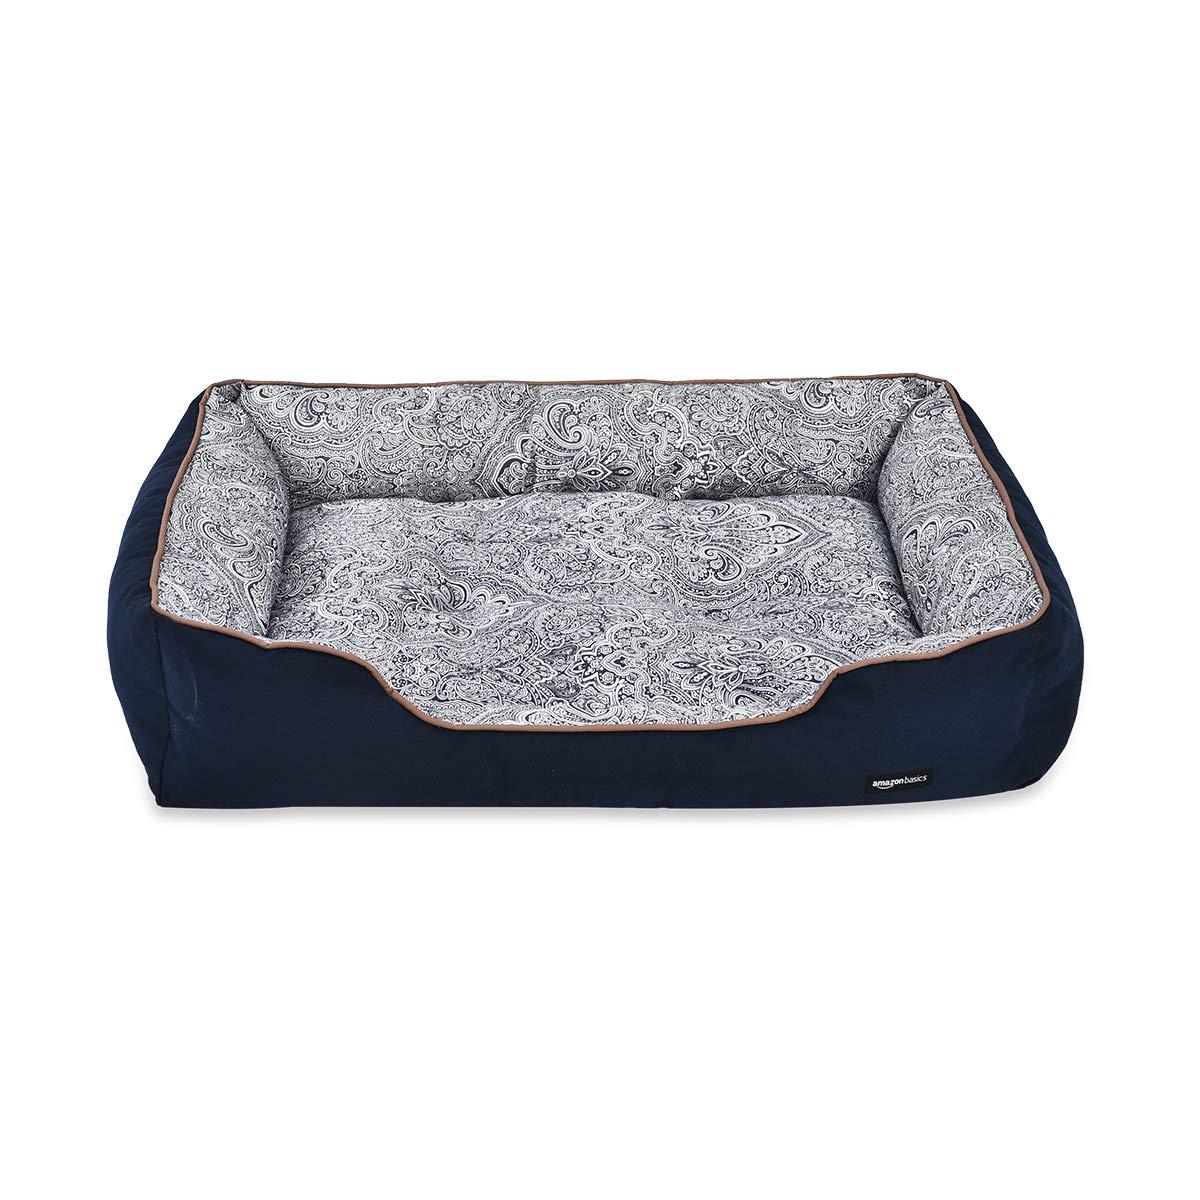 Medium Black Basics Cuddler Pet Bed